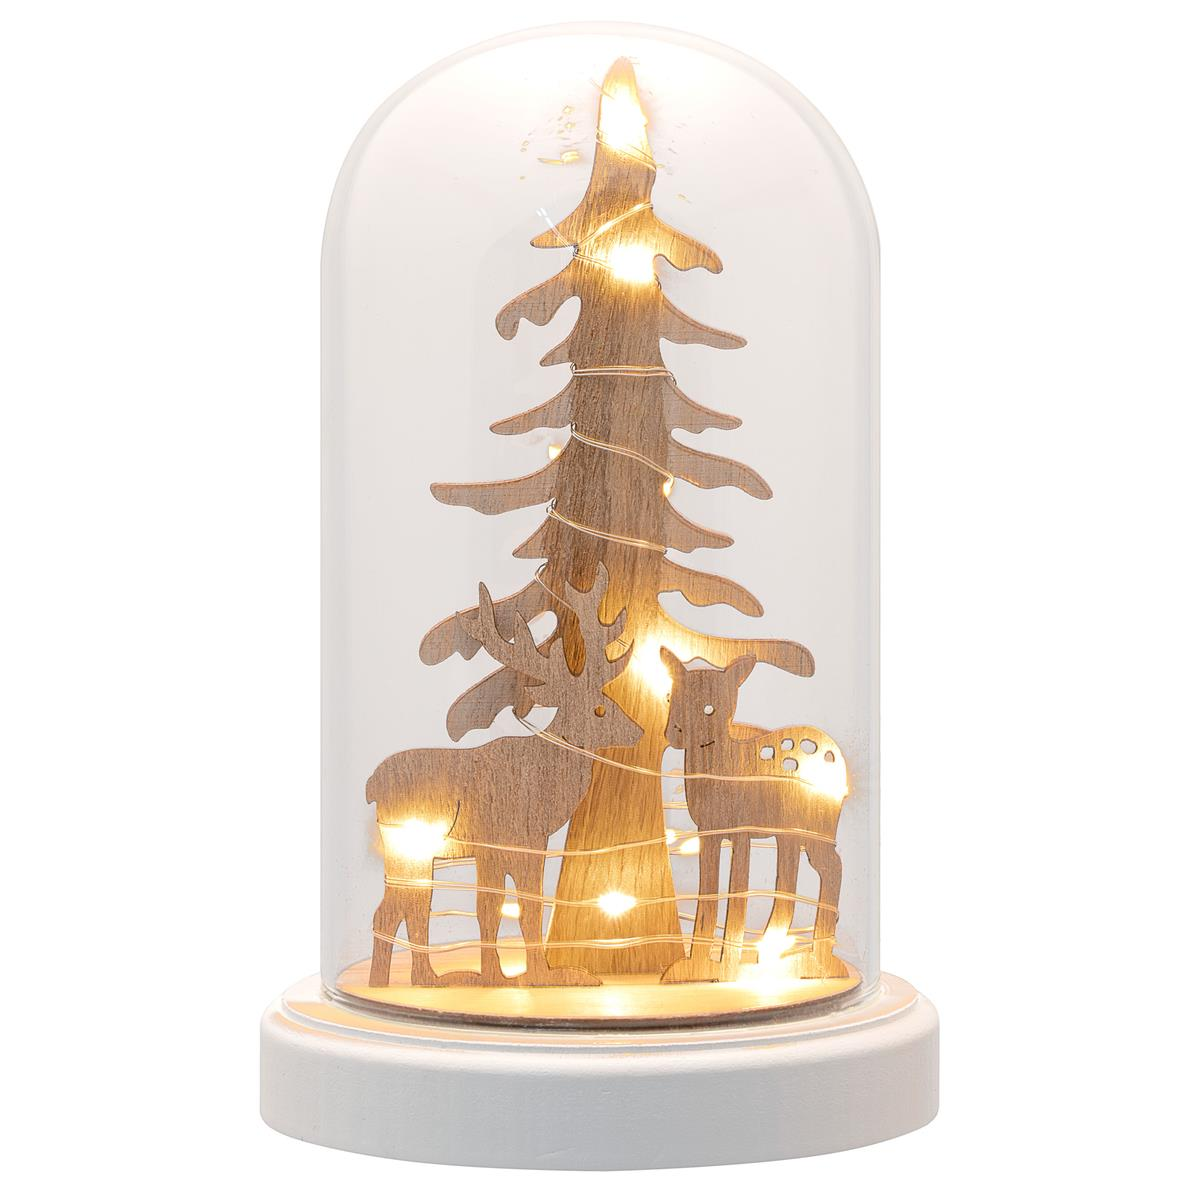 Deko-Glocke mit Lichterkette Holzdeko Kuppel 10 LED warm weiß Batterie Timer